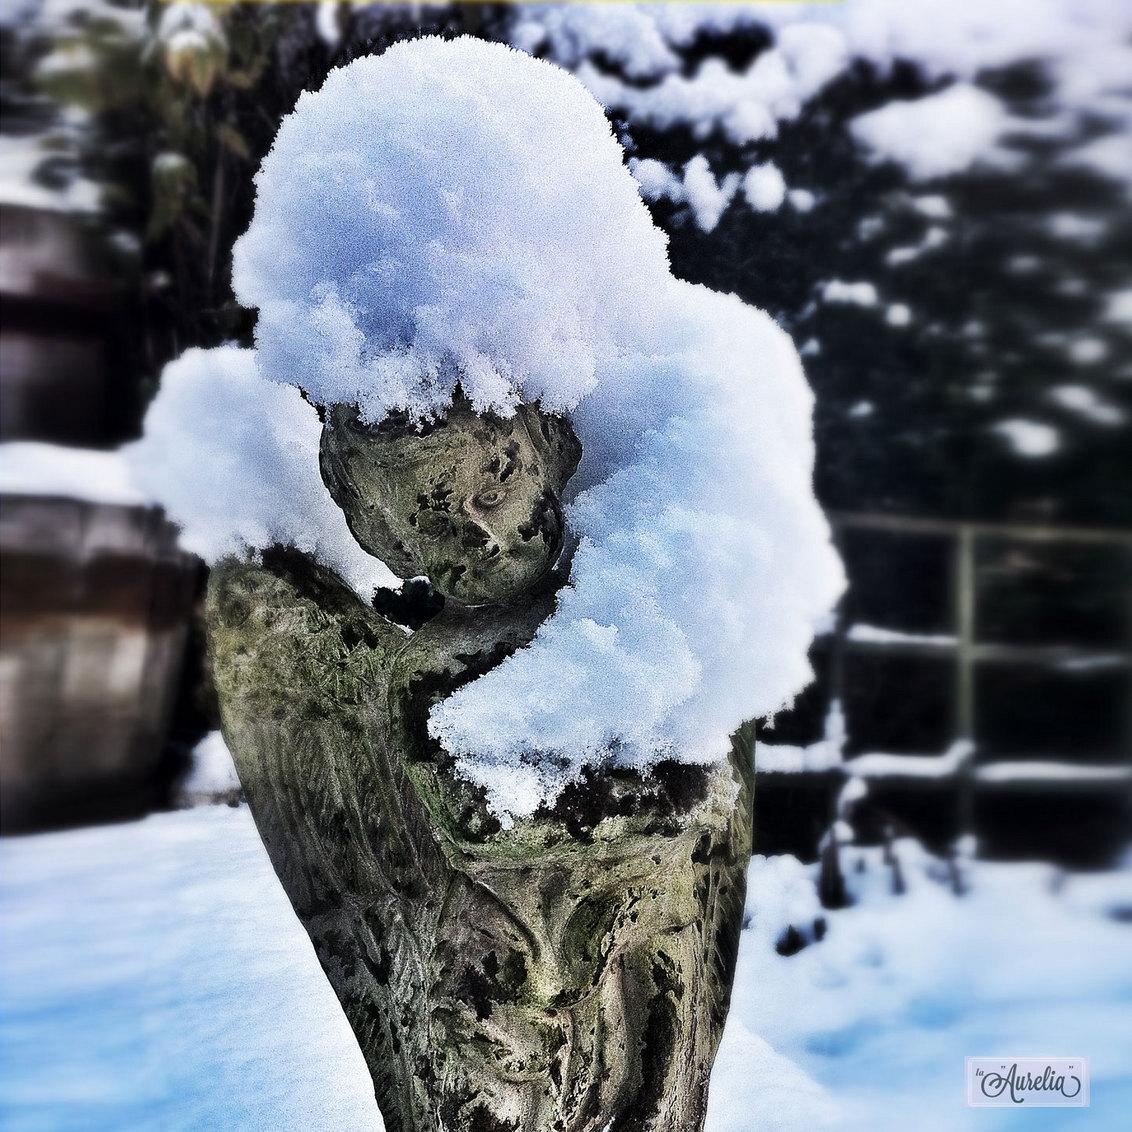 """Embraced by White - Helaas geen witte kerst dit jaar... om toch een beetje in de """"wintermood"""" te komen, vandaag een beeld uit de oude doos...  Winter 2012. Binnen een  - foto door Aurelia Ebbe op 28-12-2013 - deze foto bevat: sneeuw, tuin, sneeuwbui, winter, beeld, koud, engel, flevoland, kou, almere, aurelia, december, winters, iphone, laaurelia, beeldblog, la aurelia, tuinengel"""